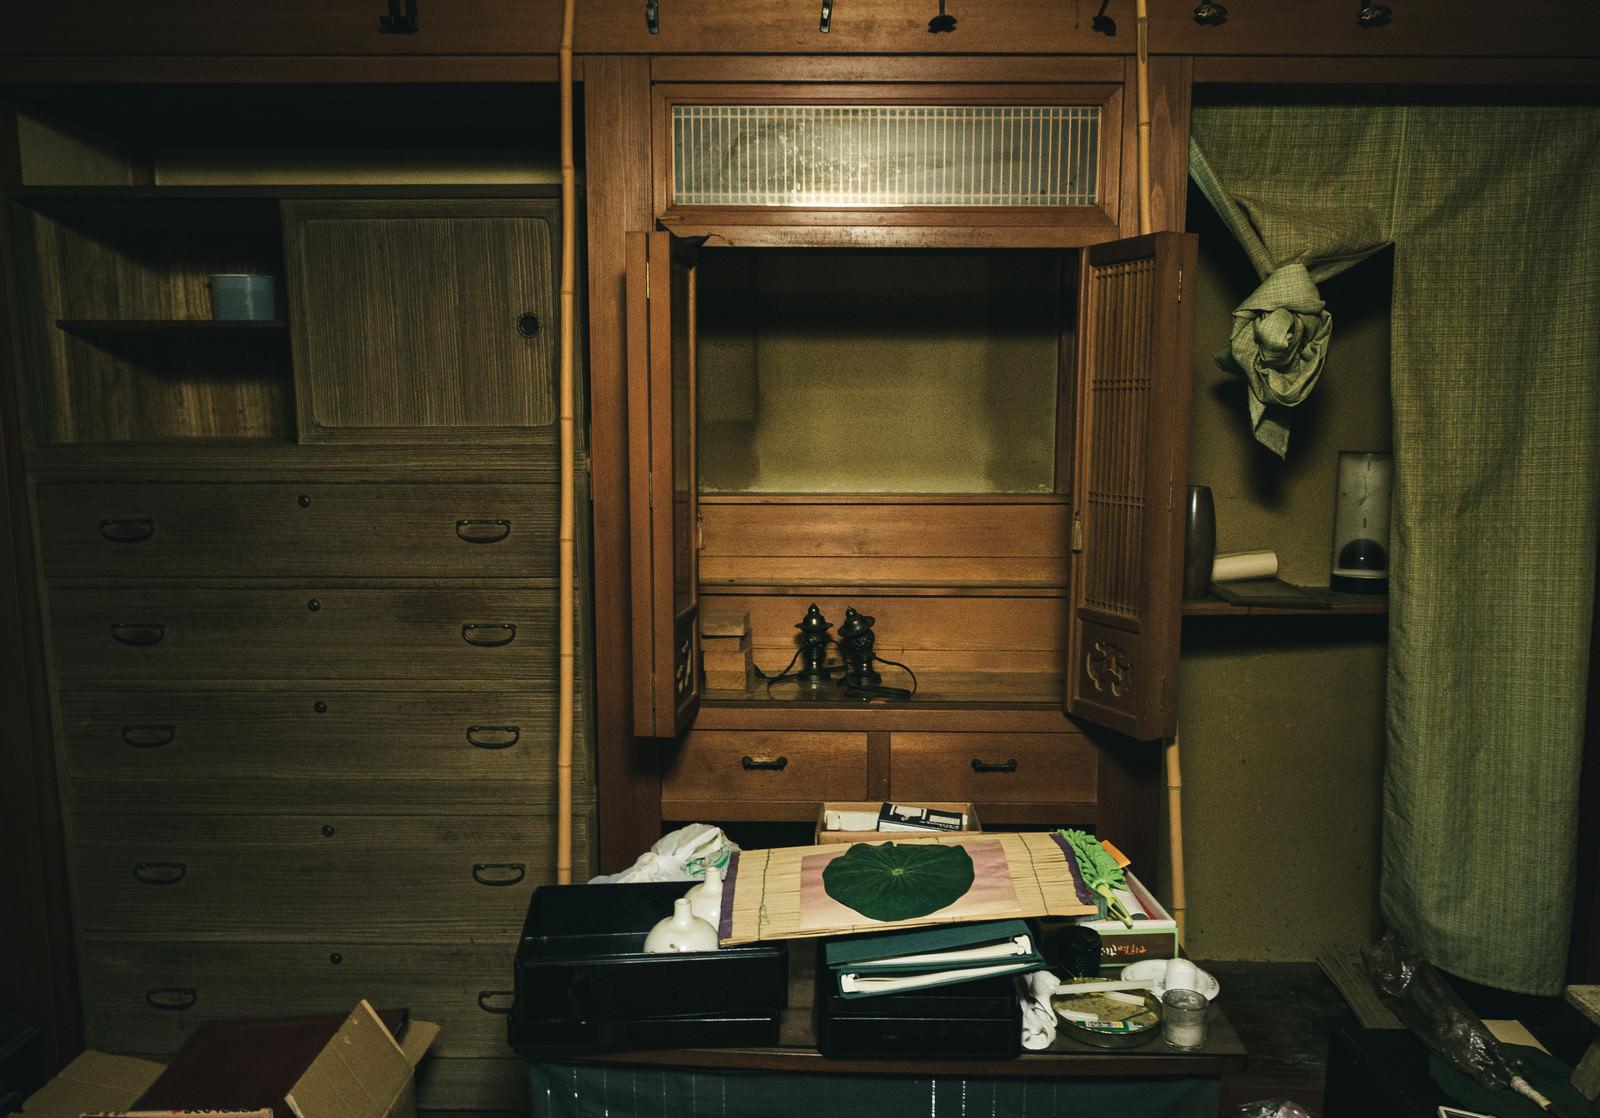 「残置物が散乱する空き家と仏壇」の写真